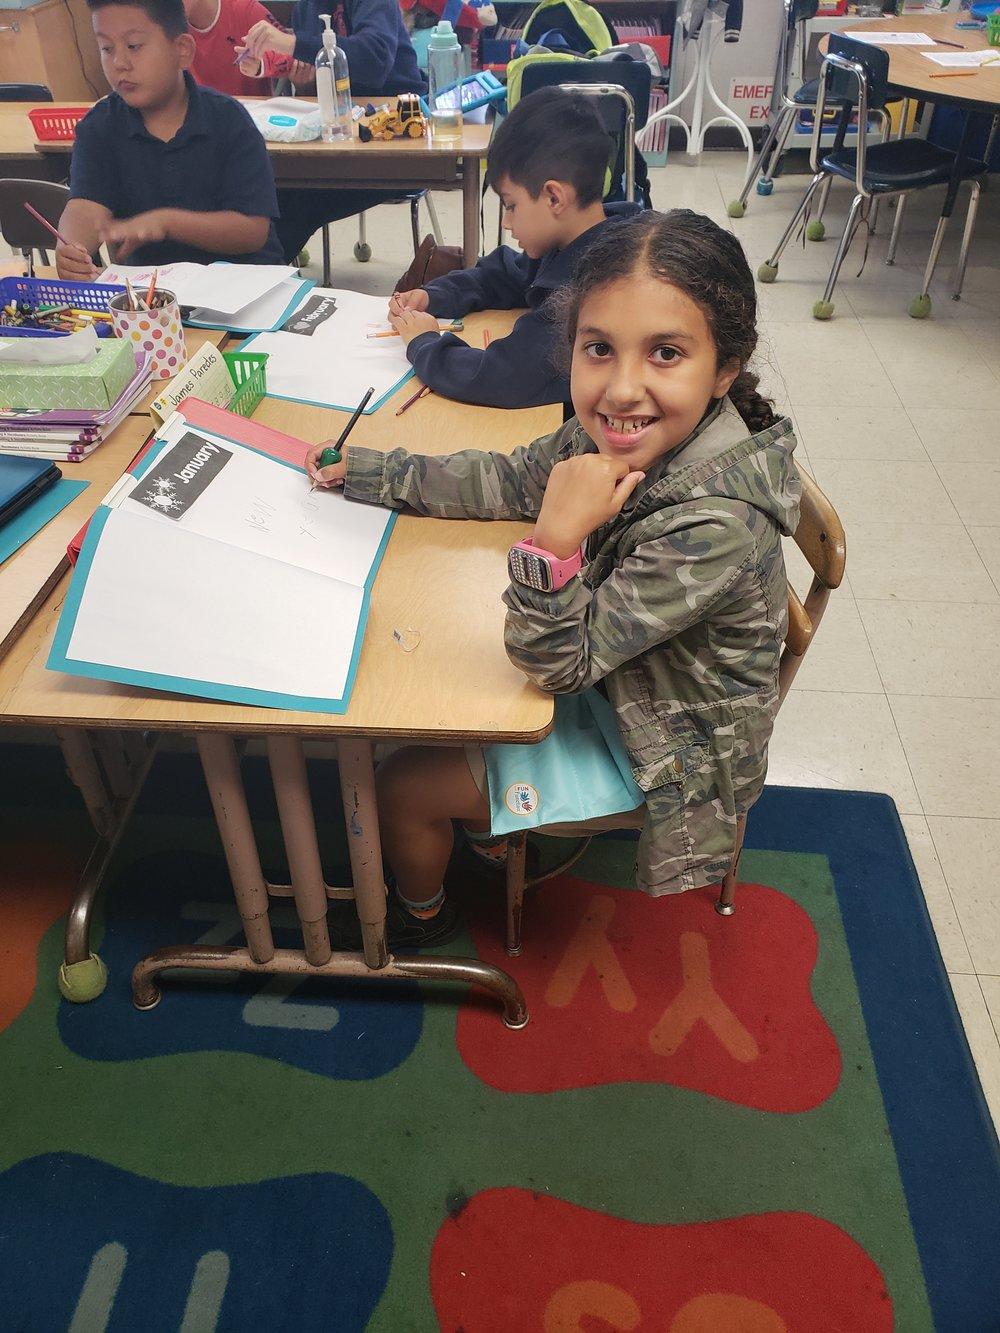 Giada at school